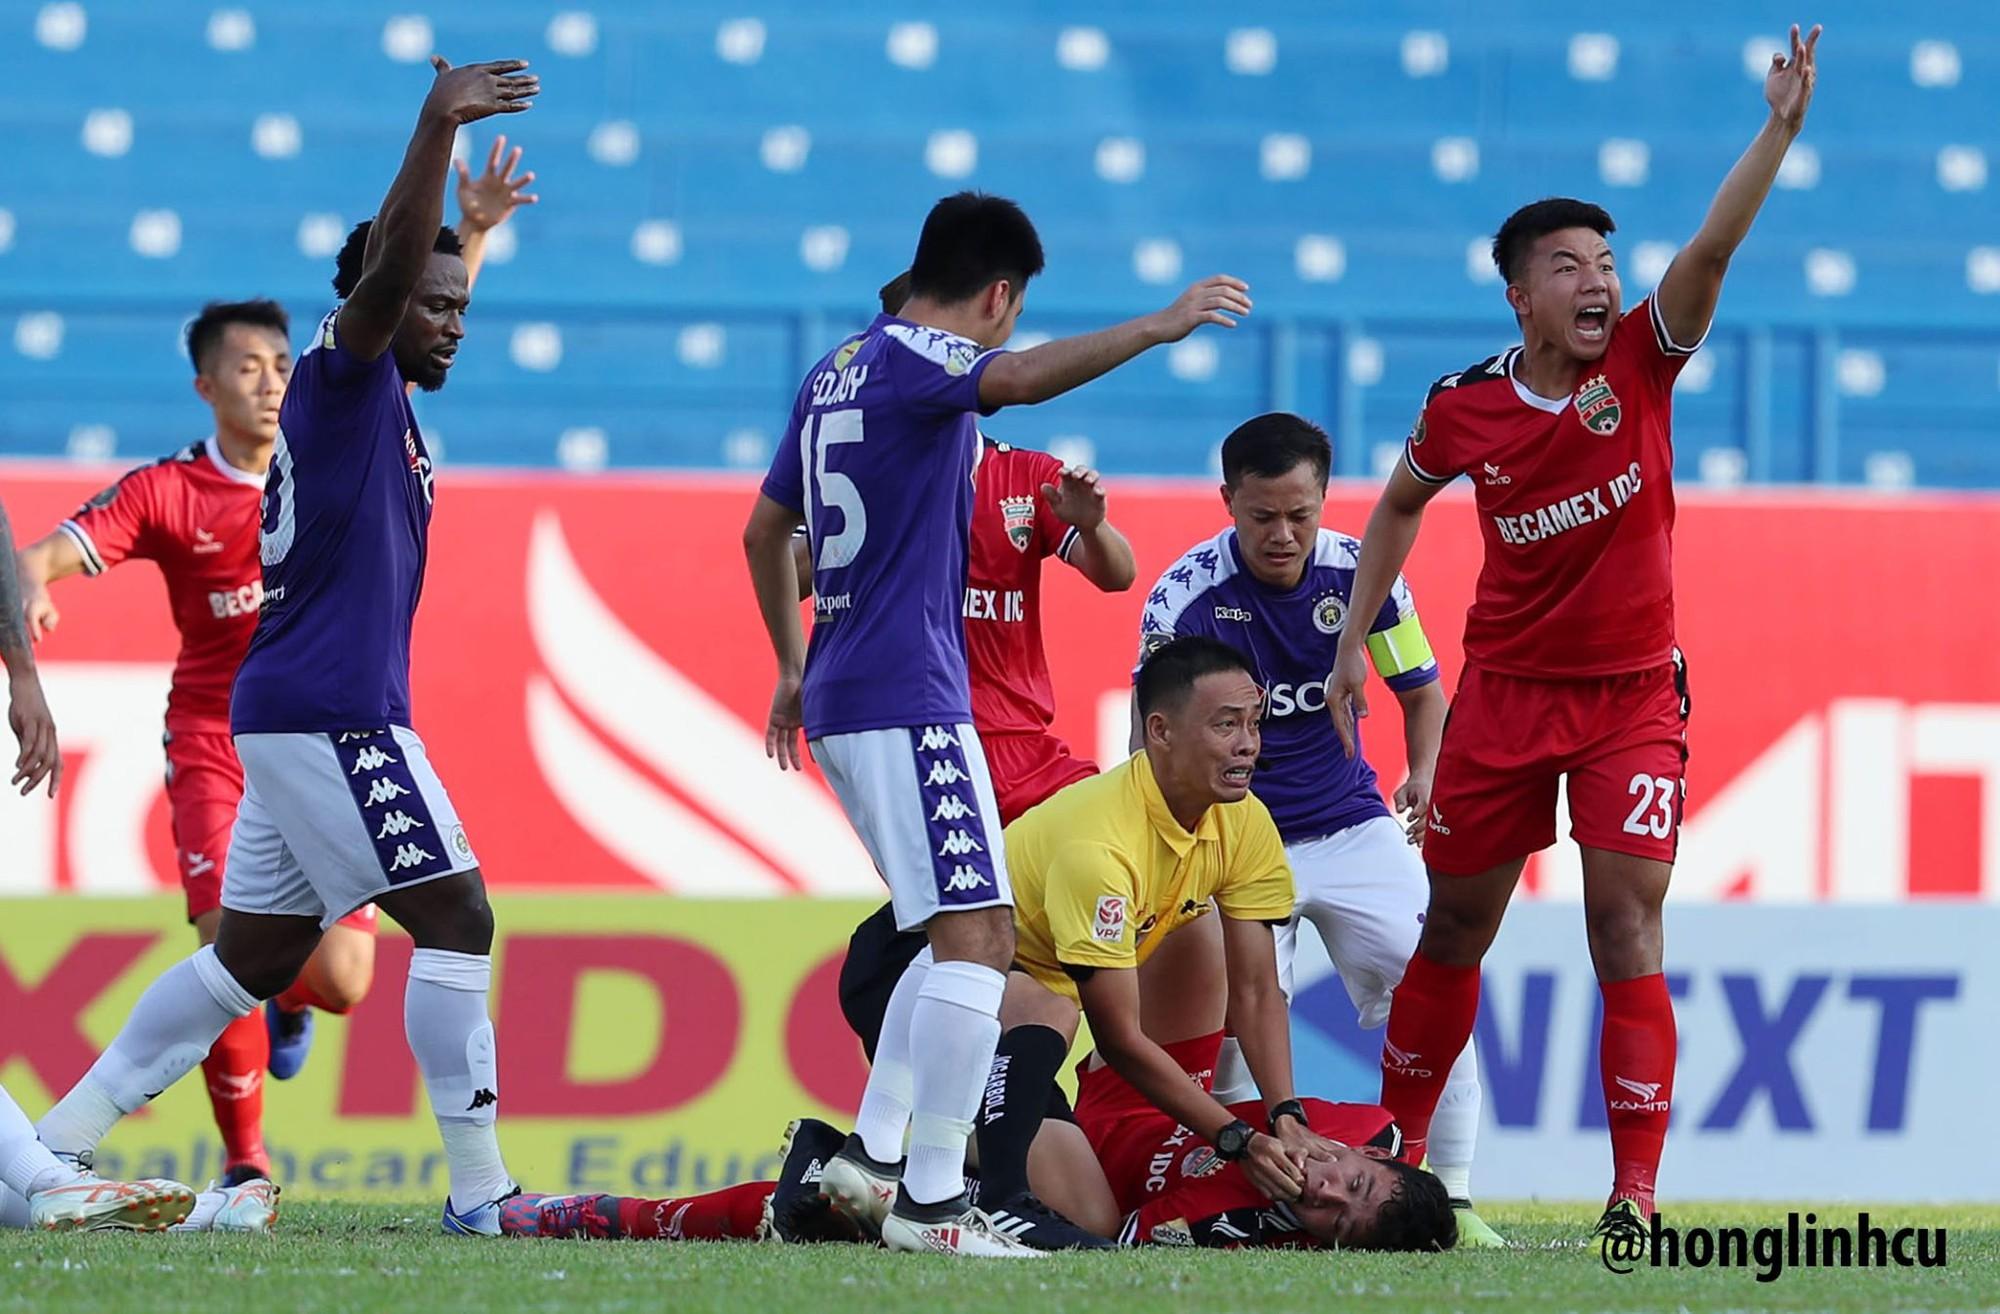 Tuyển thủ U22 Việt Nam va chạm cực mạnh, bất tỉnh chỉ sau 2 phút thi đấu - Ảnh 3.